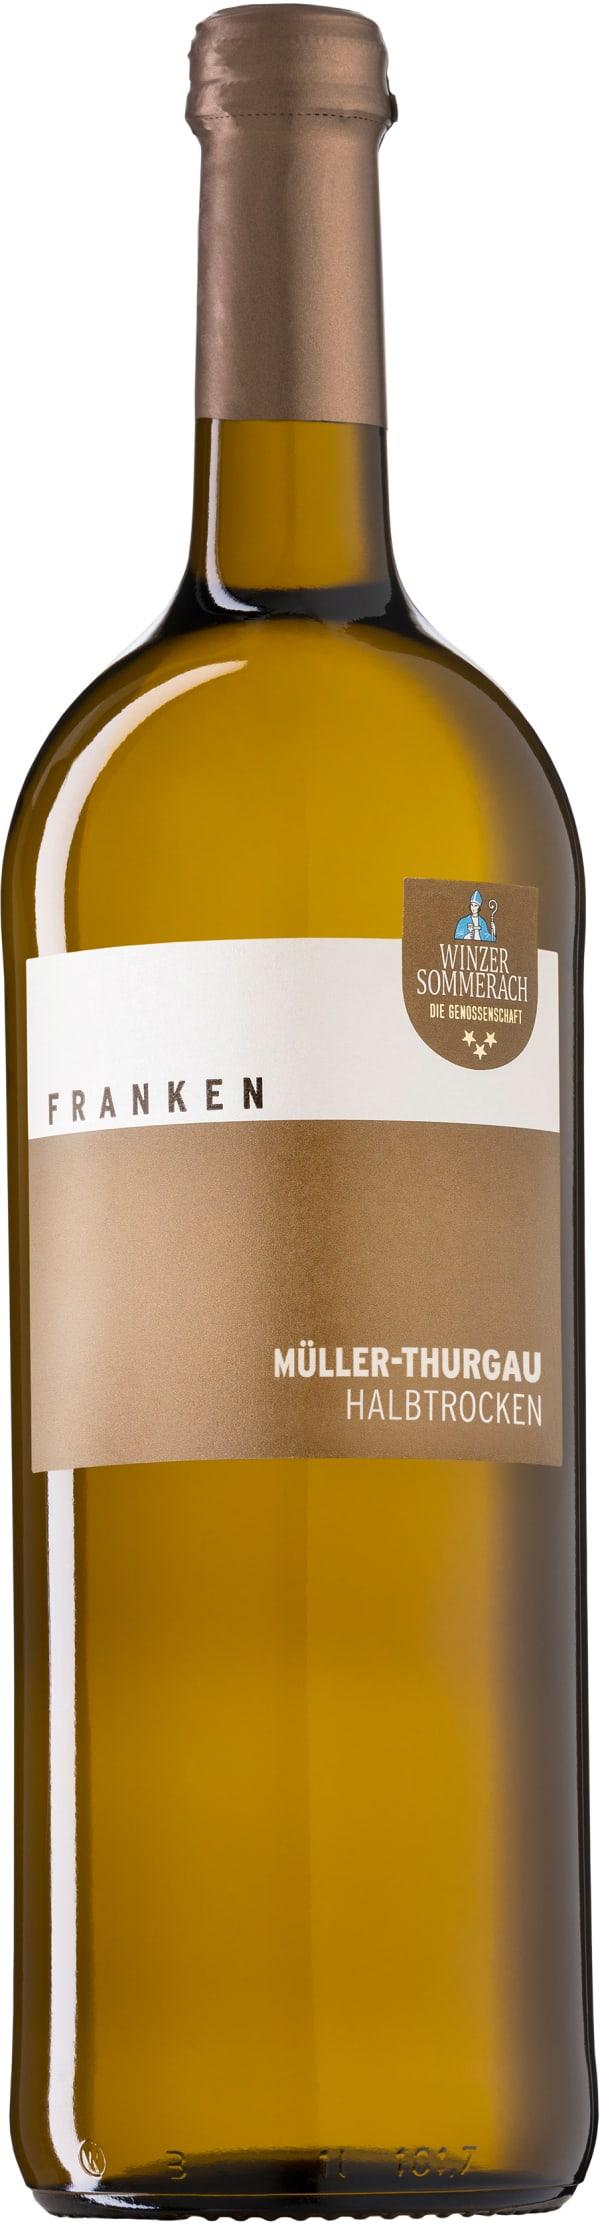 Winzer Sommerach Müller-Thurgau Halbtrocken 2018